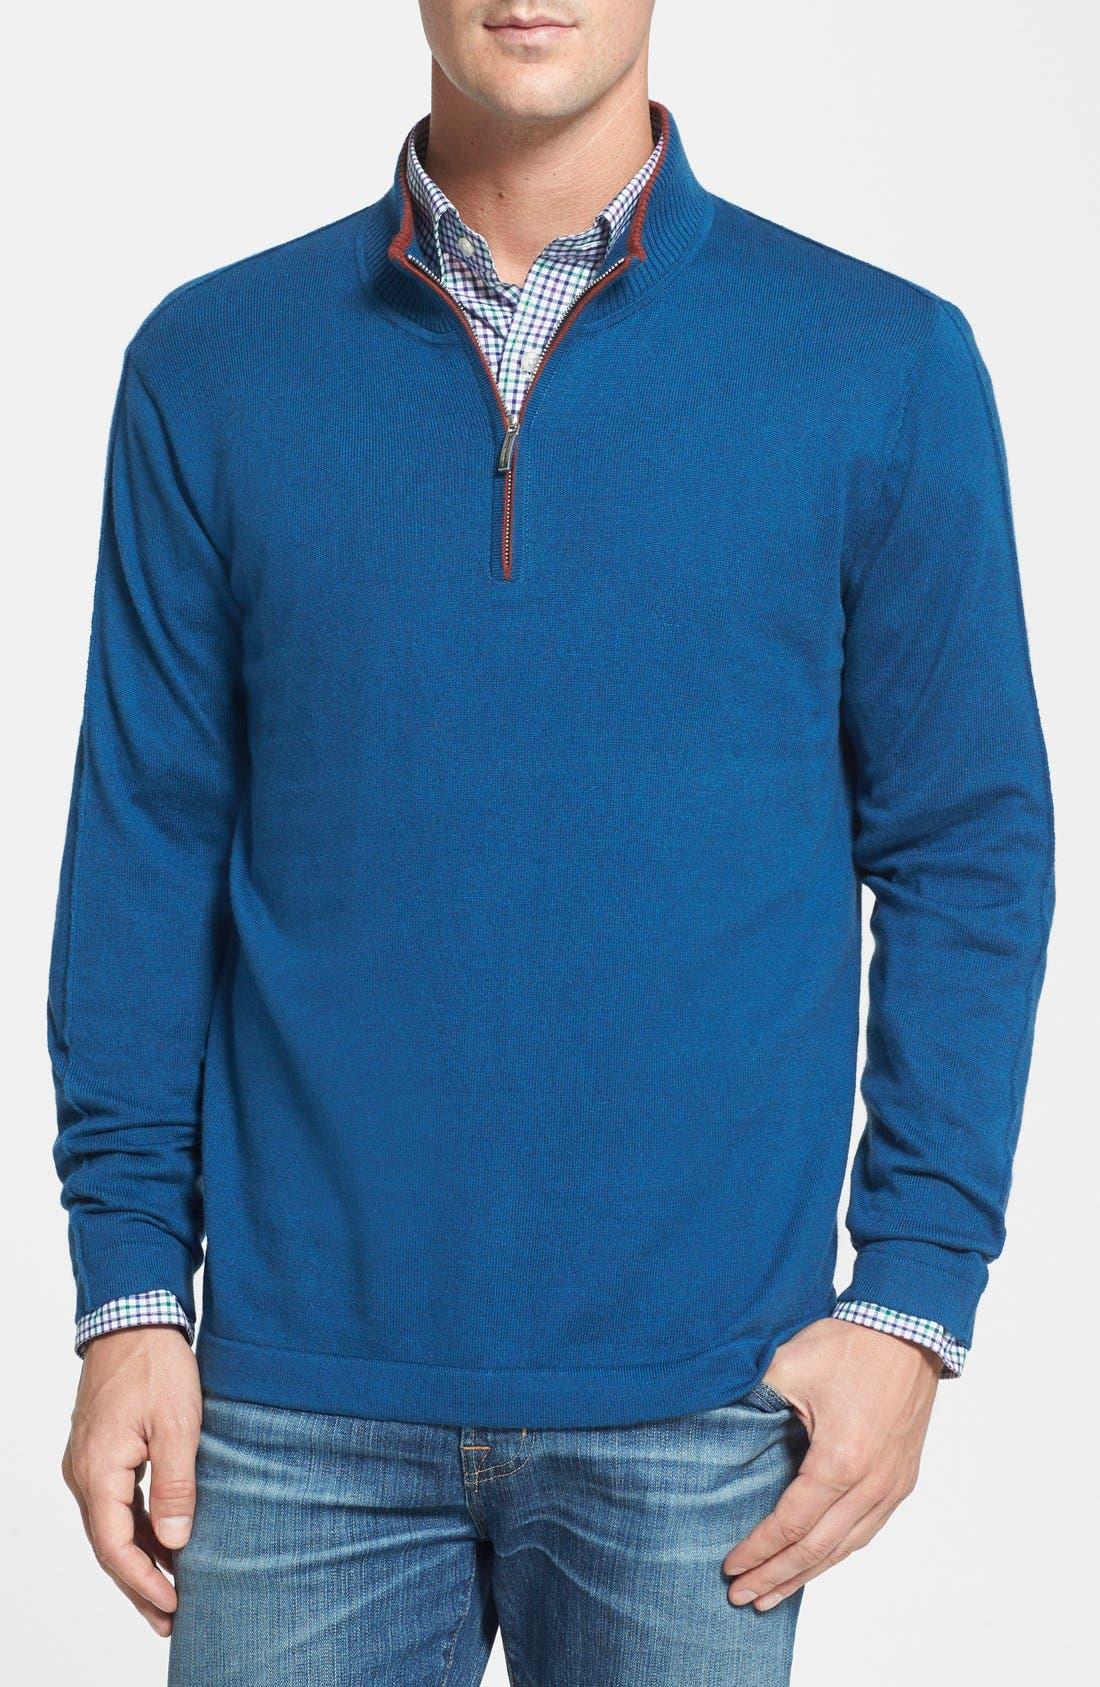 Alternate Image 1 Selected - Tommy Bahama 'Island Luxe' Half Zip Sweatshirt